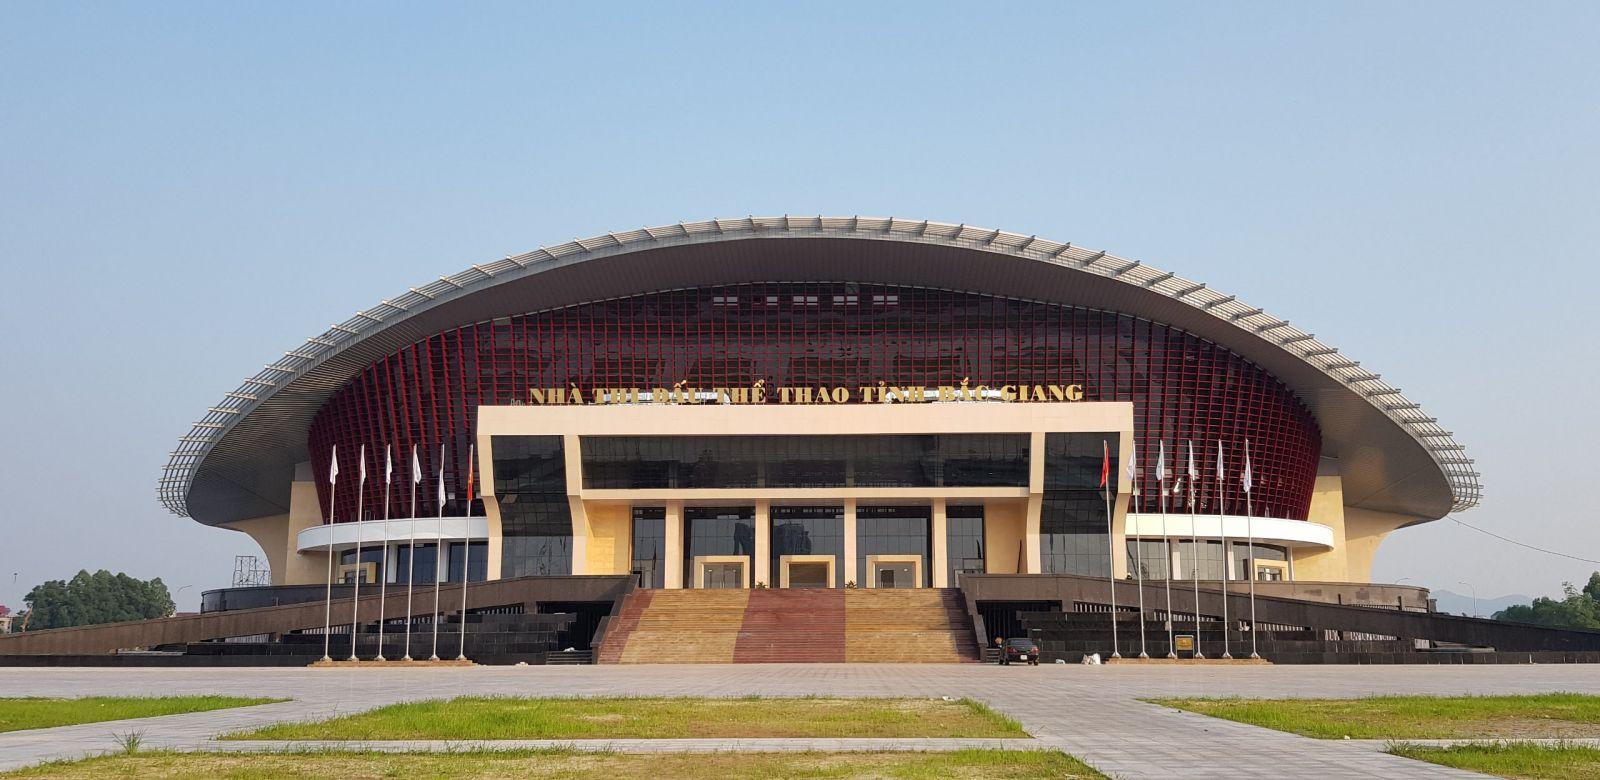 Nhà thi đấu Bắc Giang